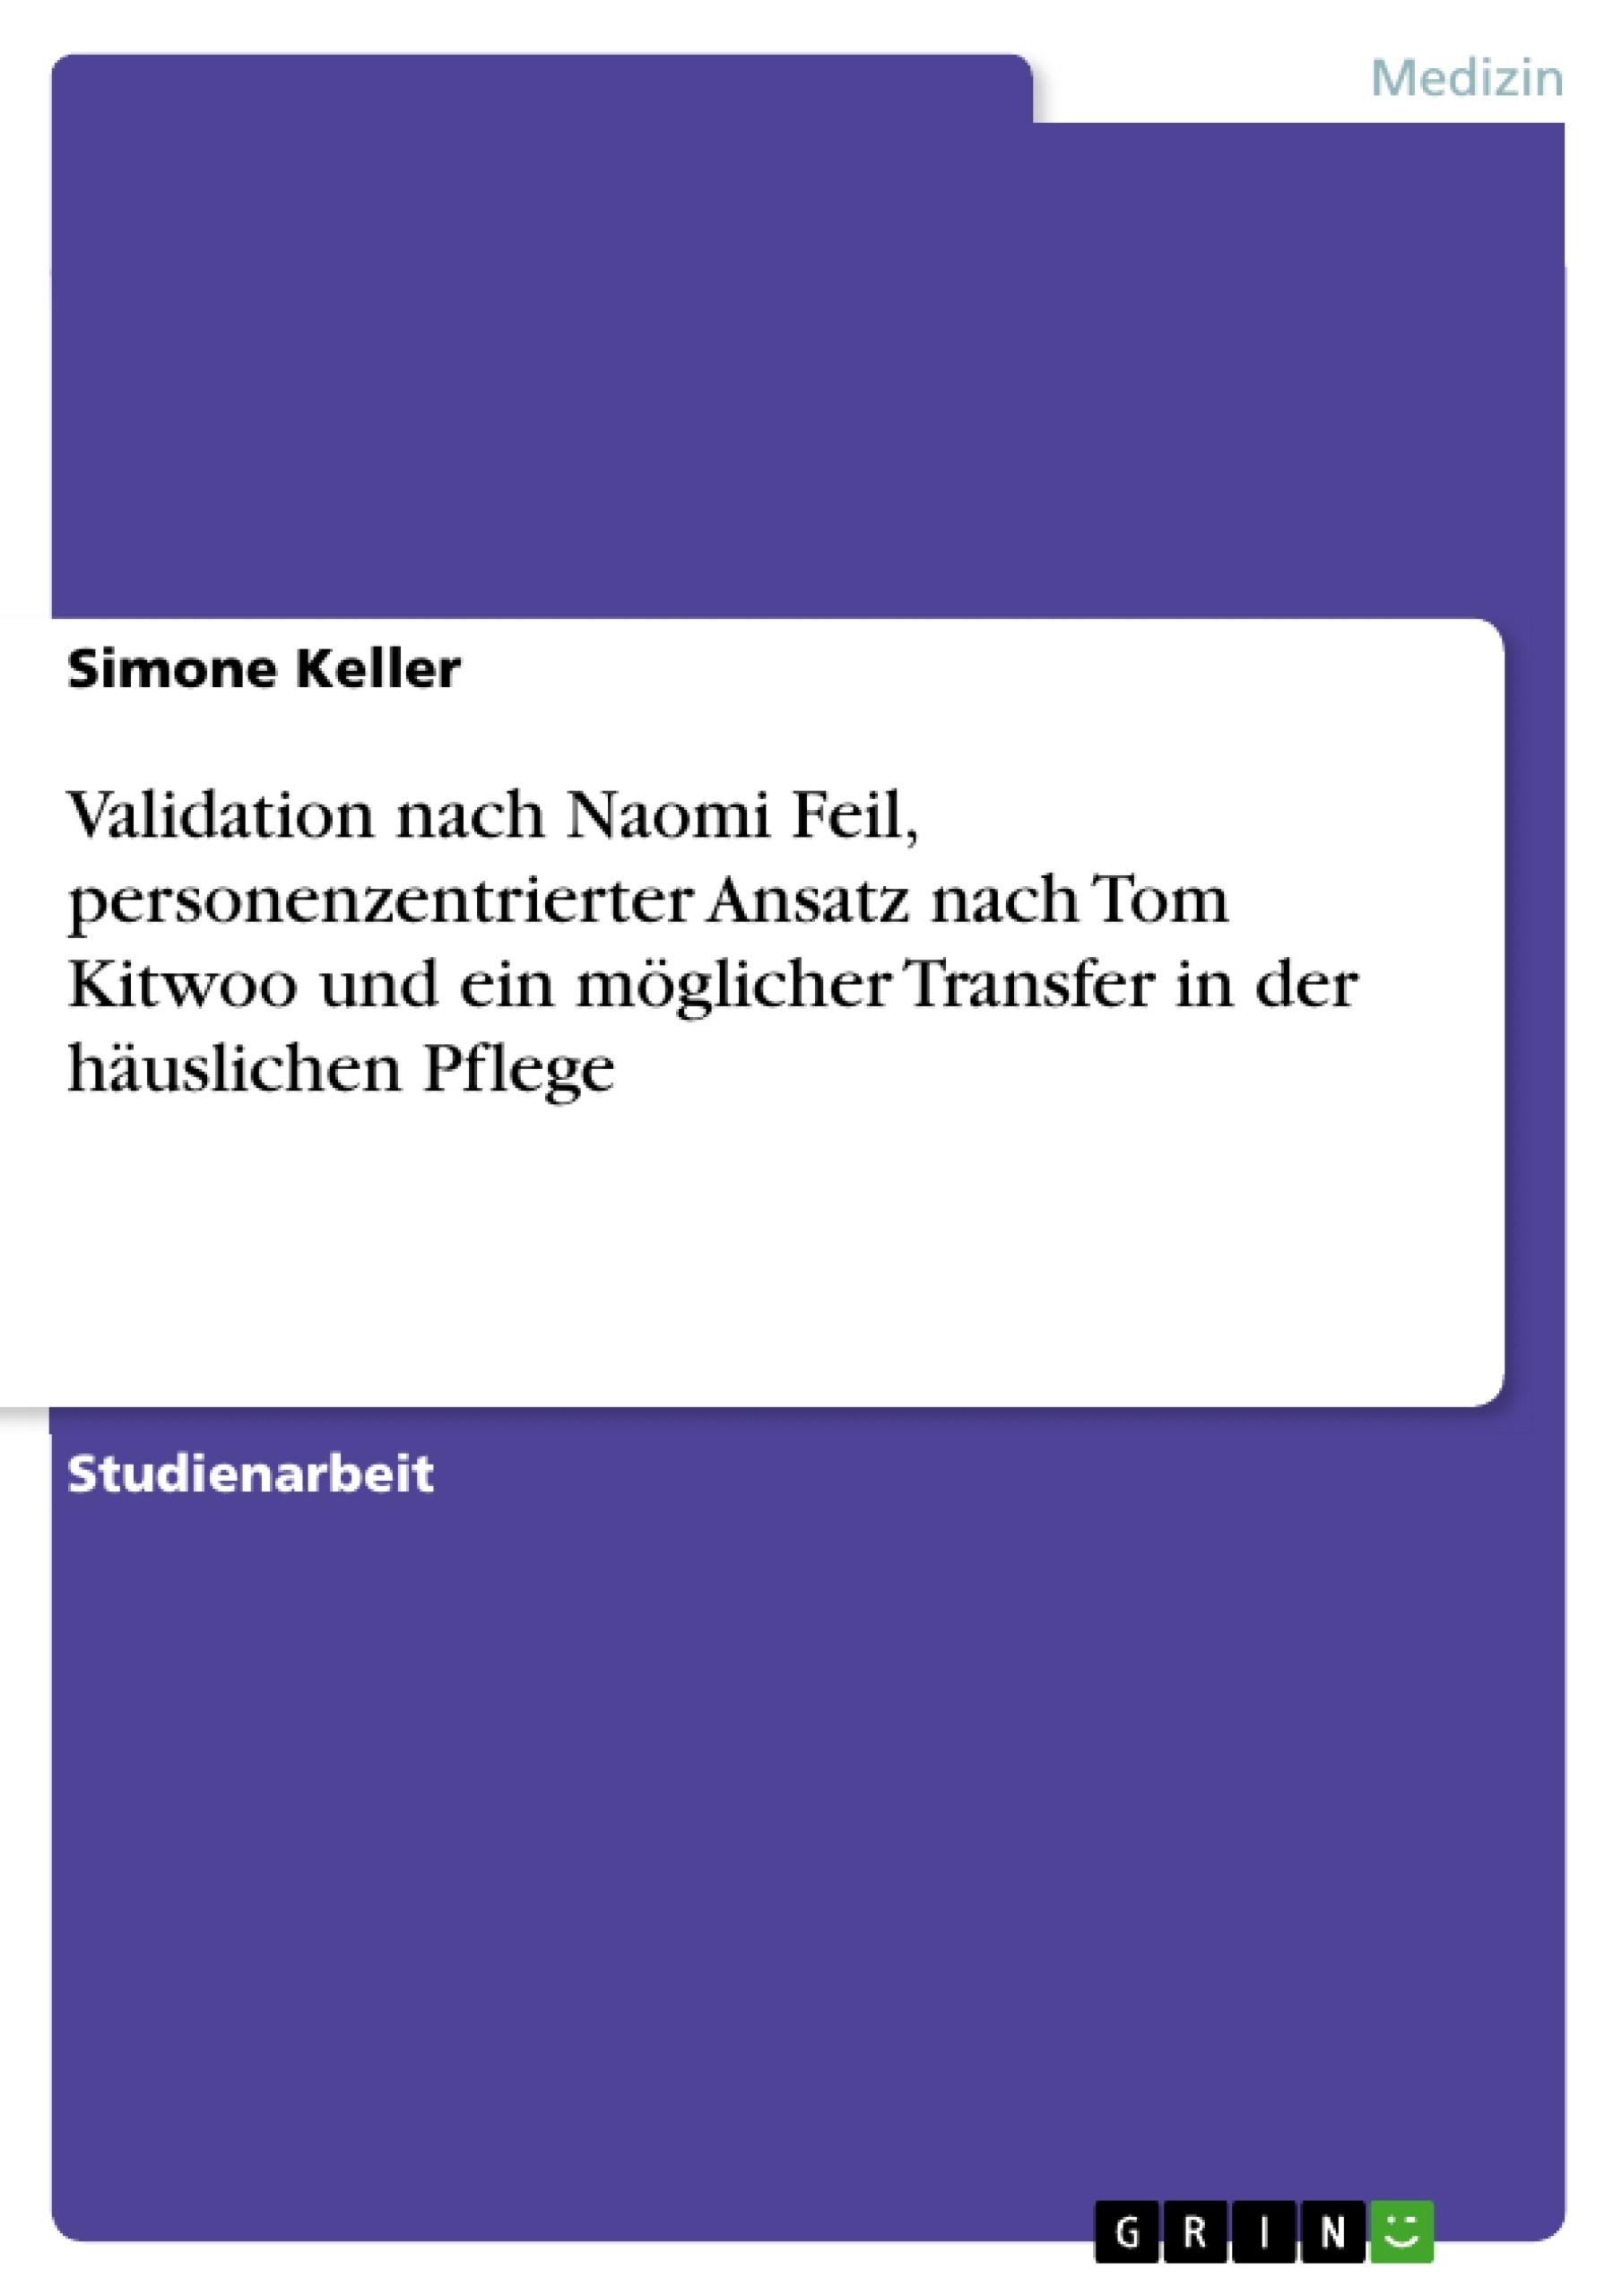 Titel: Validation nach Naomi Feil, personenzentrierter Ansatz nach Tom Kitwoo und ein möglicher Transfer in der häuslichen Pflege